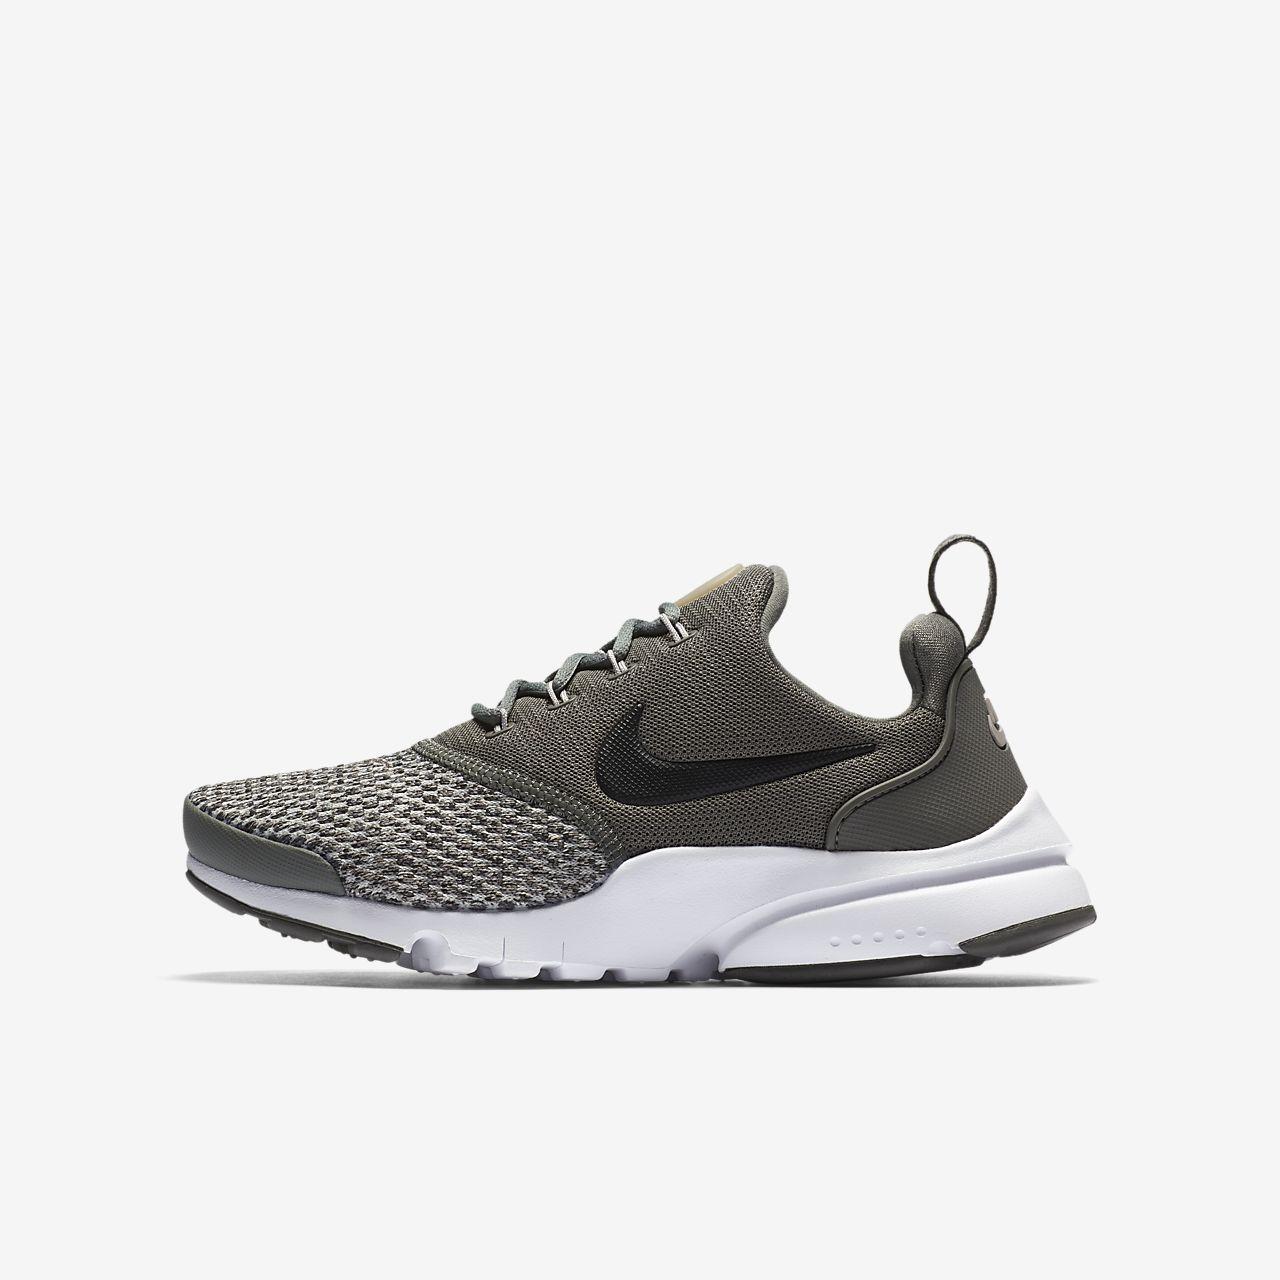 ... Chaussure Nike Air Presto Fly SE pour Enfant plus âgé